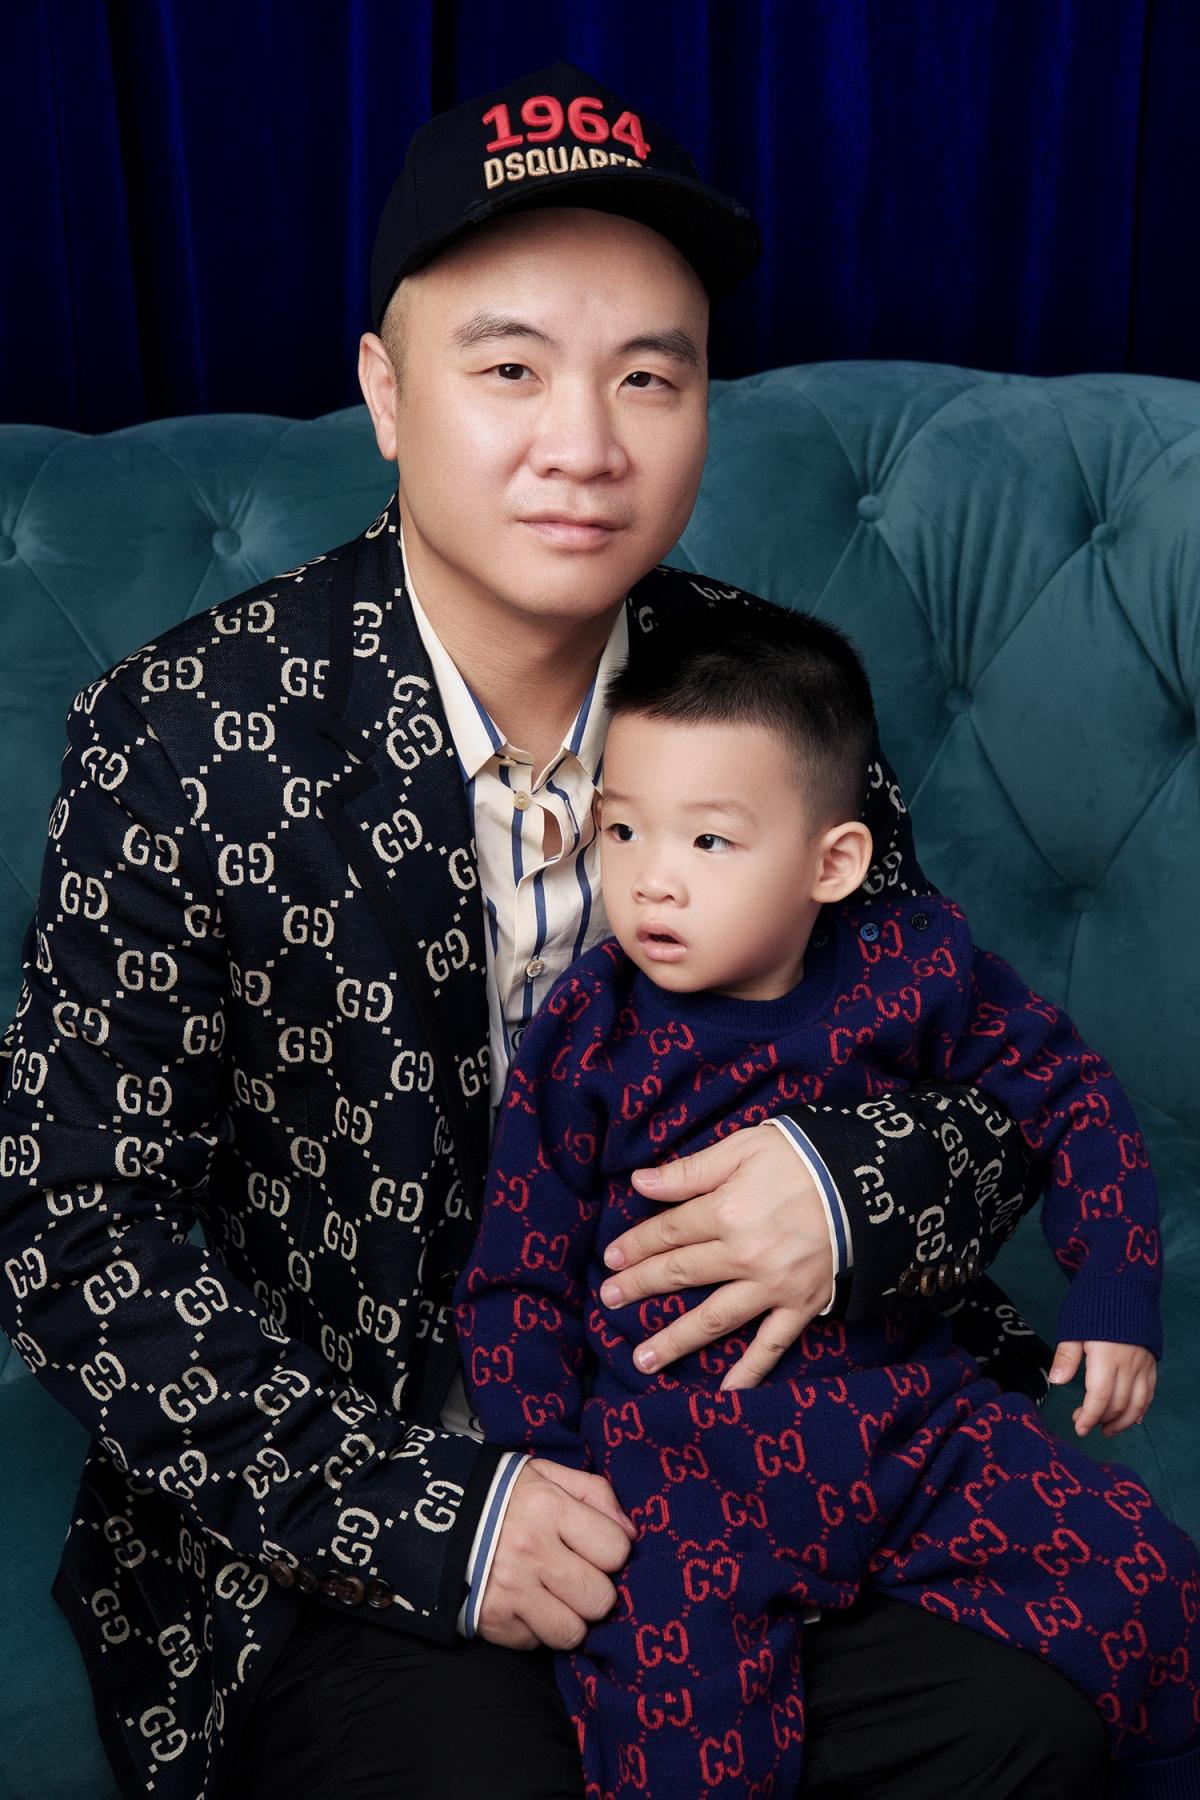 Gấu (Đỗ Phạm Huy Minh) diện bodysuit với hoạ tiết chữ đặc trưng của hãng. Đây là cậu bé có ngoại hình giống NTK Đỗ Mạnh Cường nhất, khiến nhiều người bất ngờ.